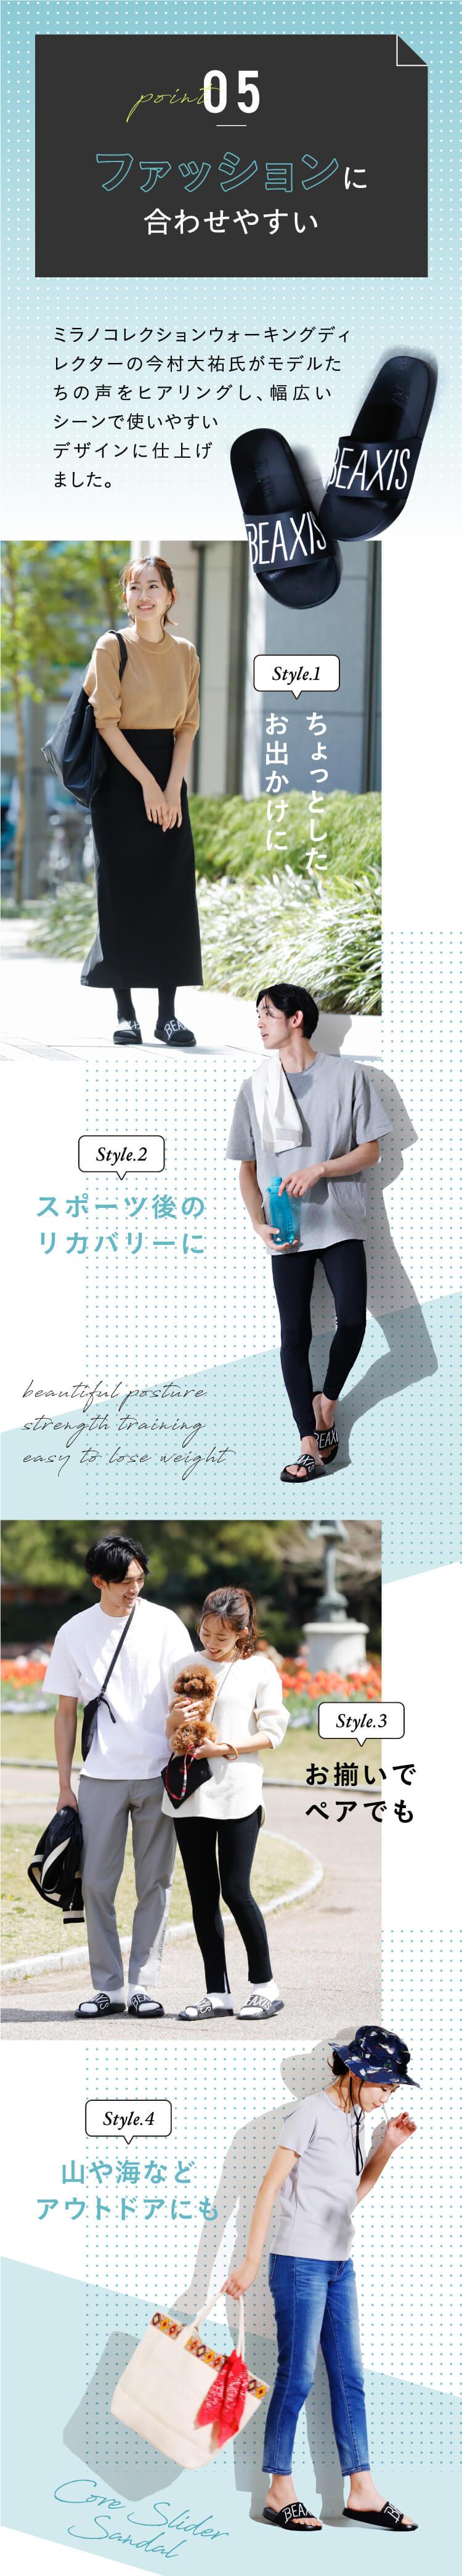 05 ファッションに取り入れやすいデザイン